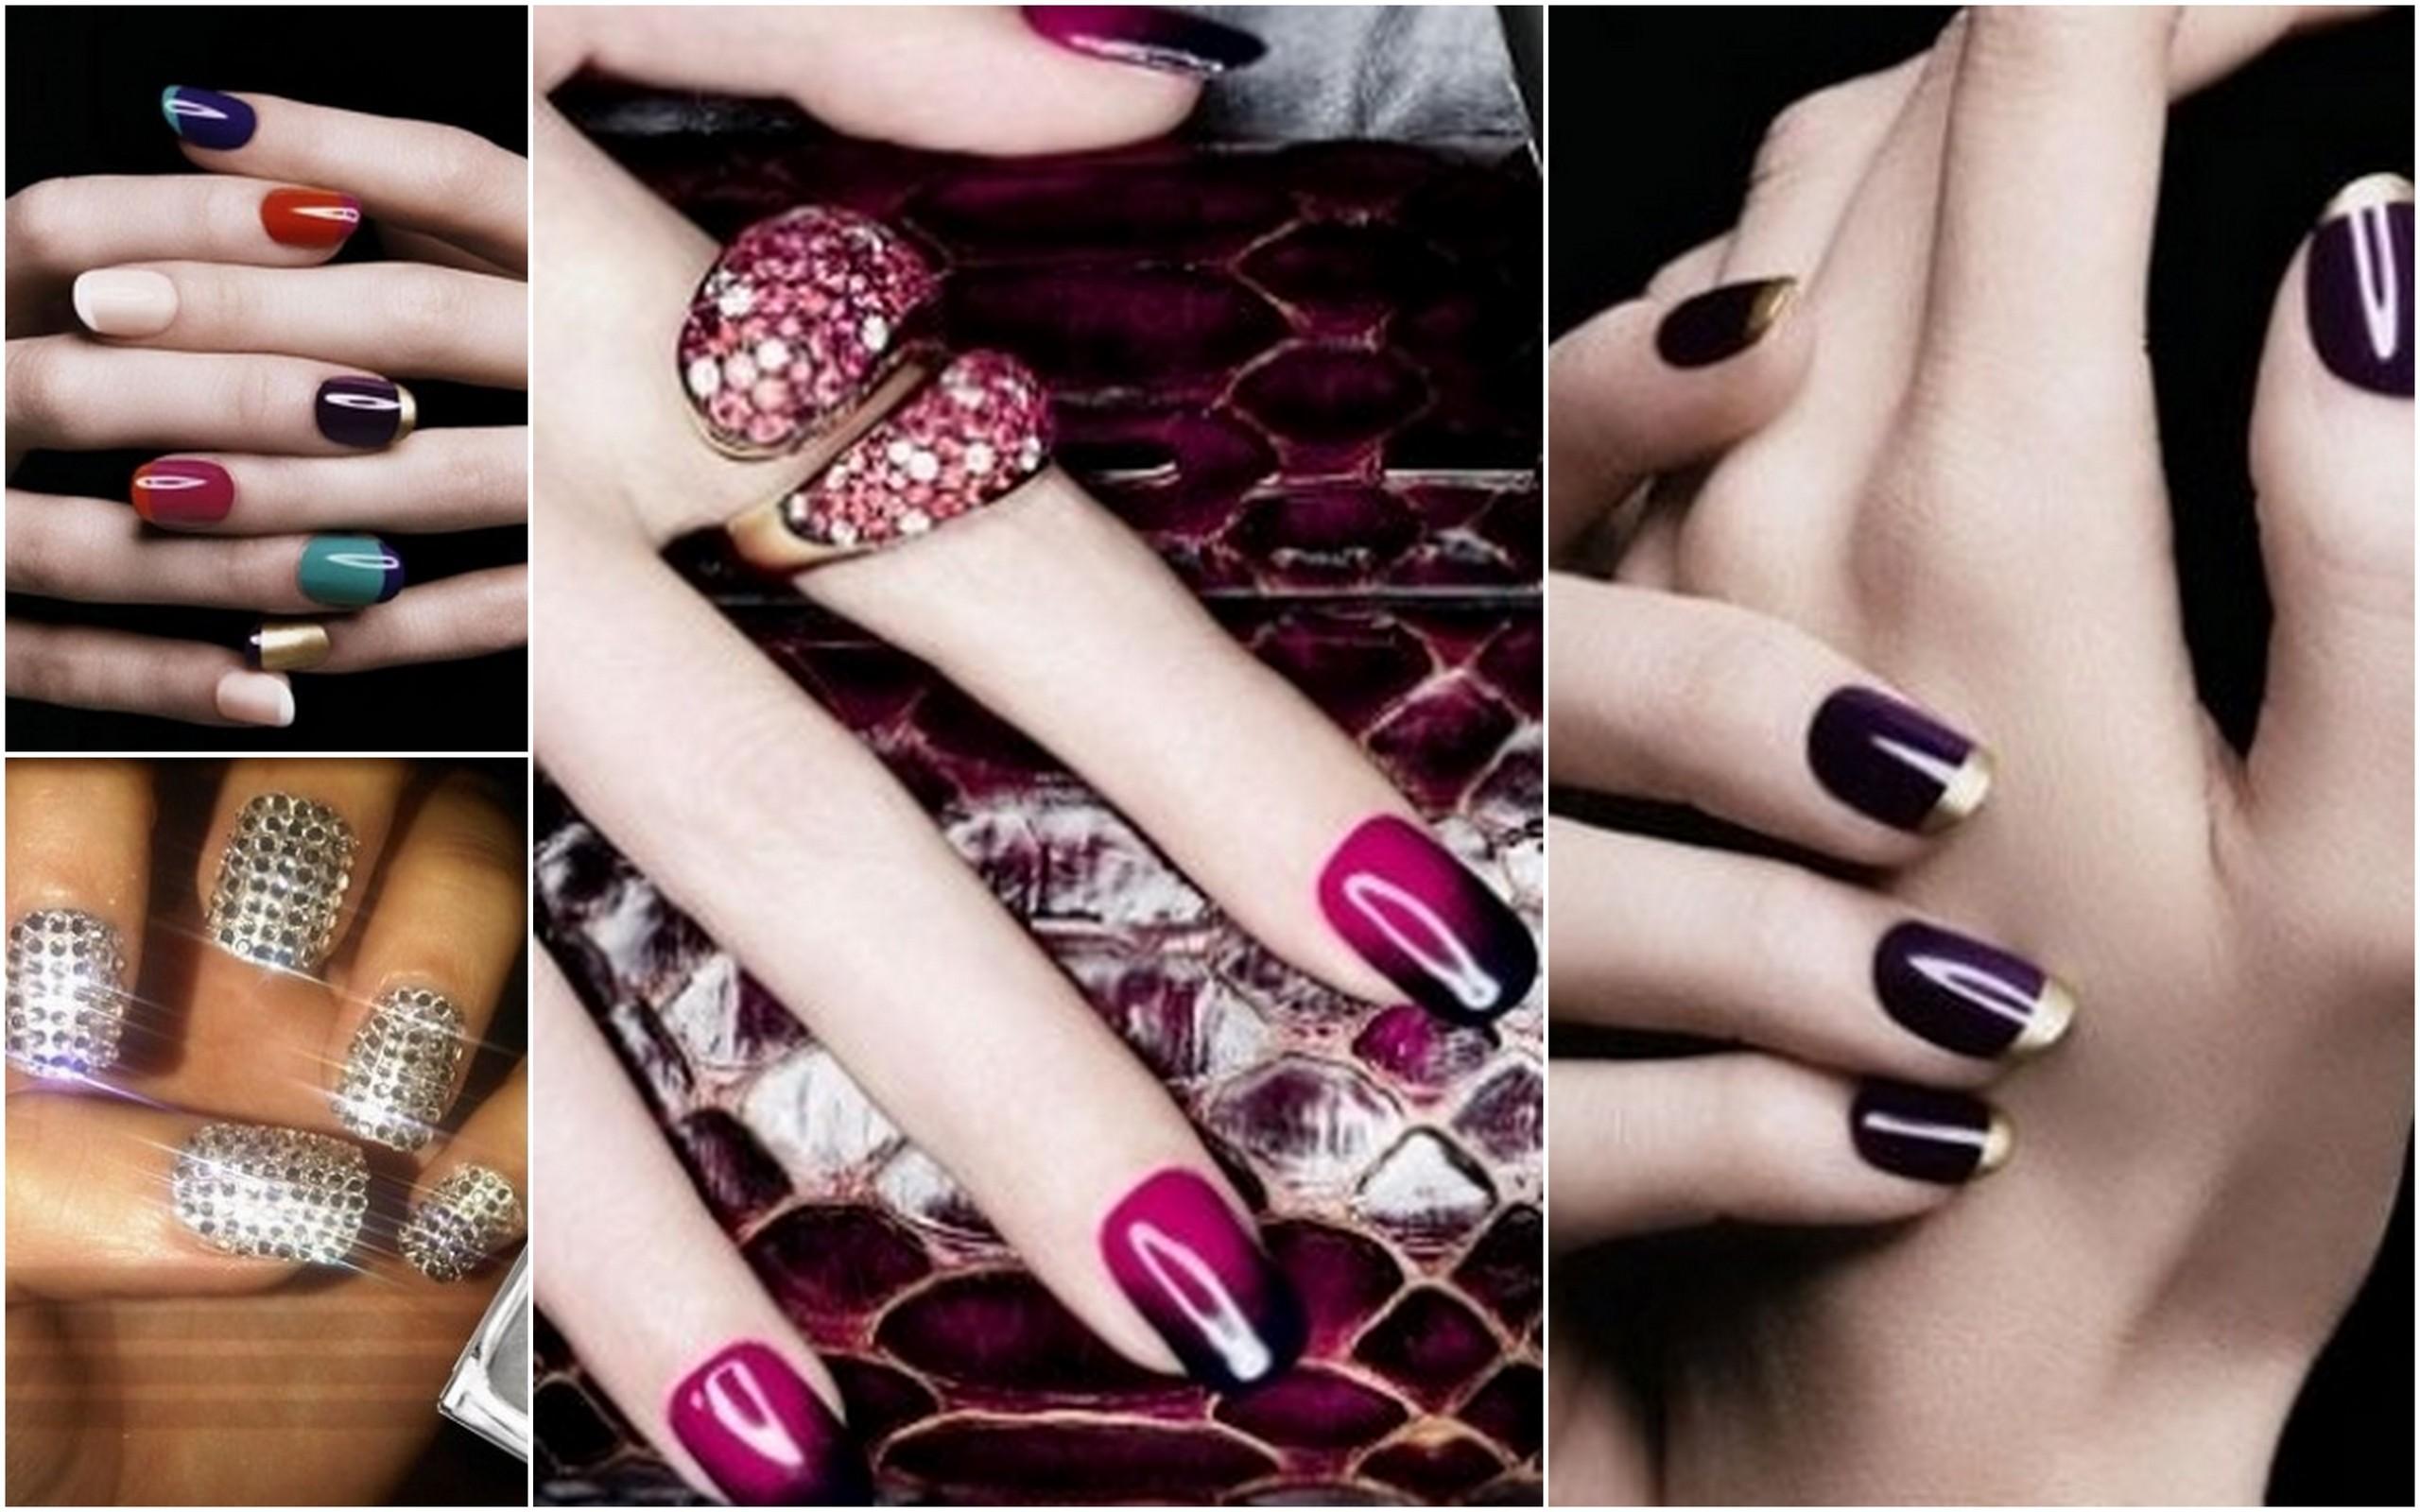 Nails Nail Art Images Waonails Hd Wallpaper And Background Photos